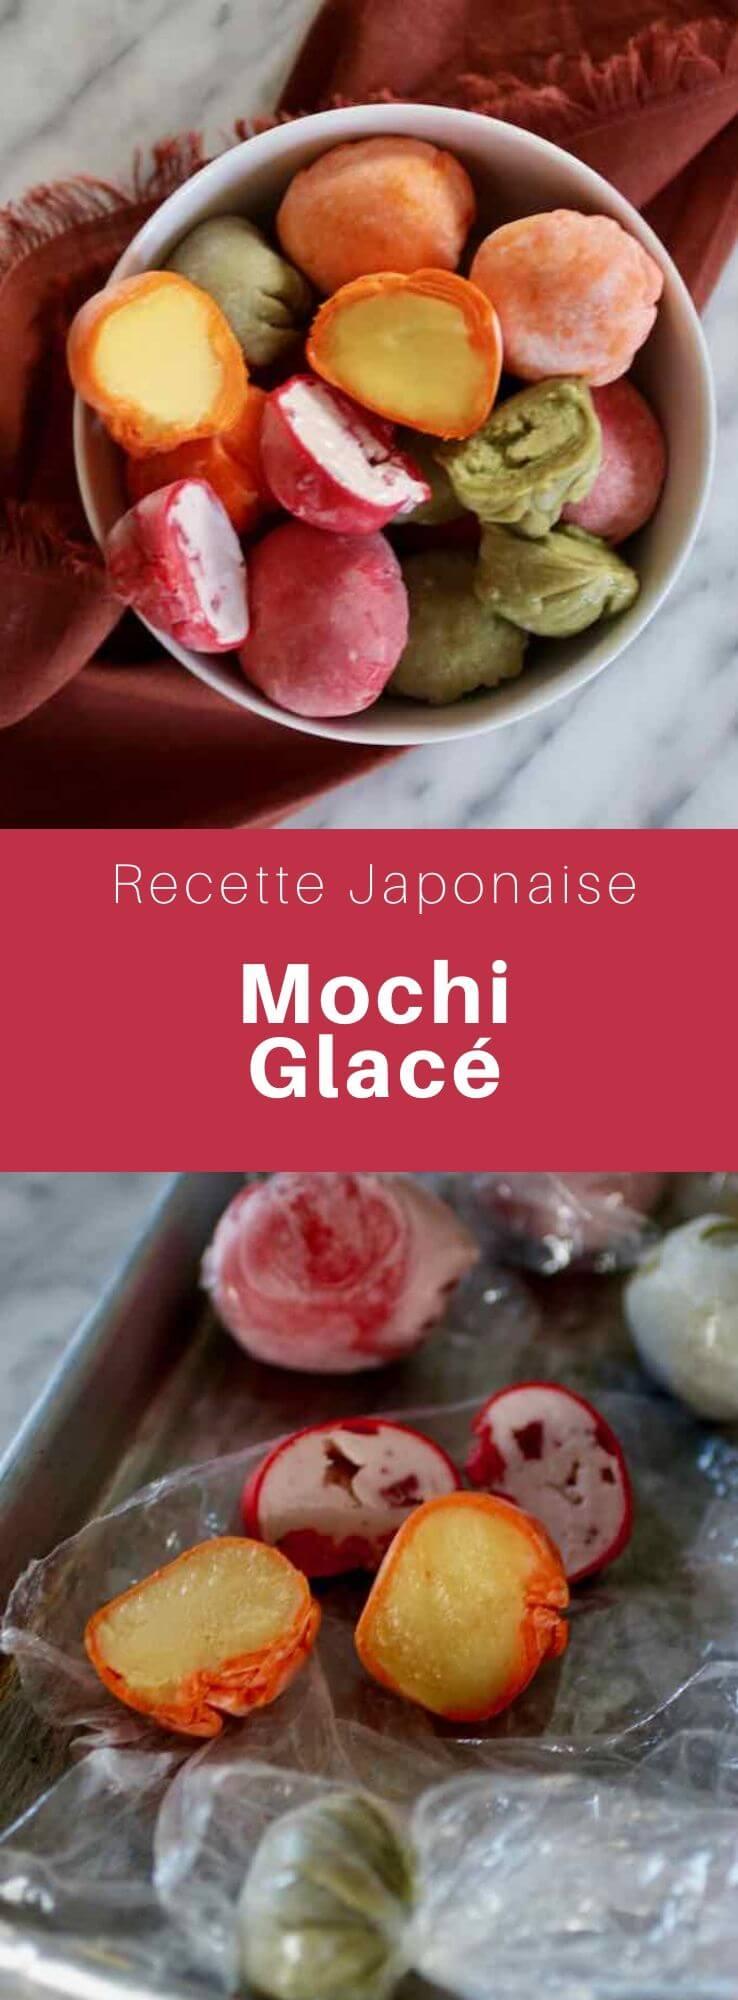 Le mochi glacé est un dessert japonais consistant en une enveloppe de farine de riz gluant renfermant une boule de crème glacée. #Japon #CuisineJaponaise #RecetteJaponaise #CuisineDuMonde #196flavors